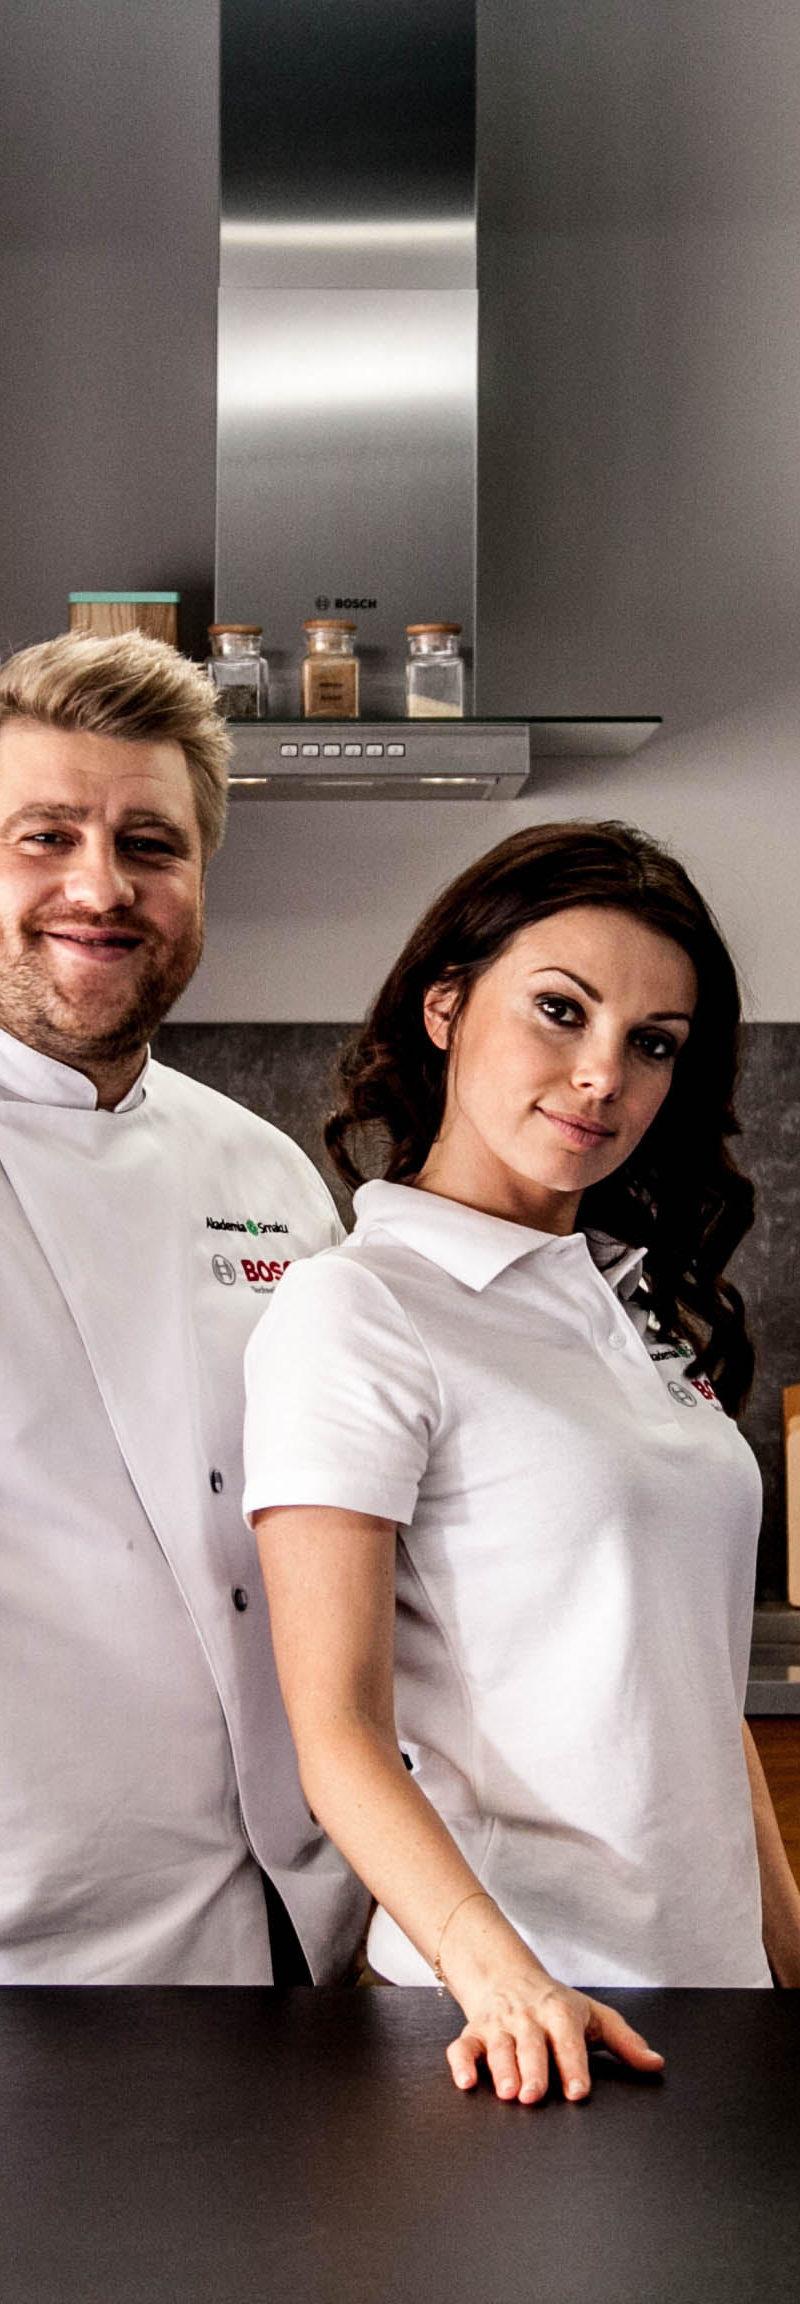 Informator kulinarny i vademecum kucharzenia